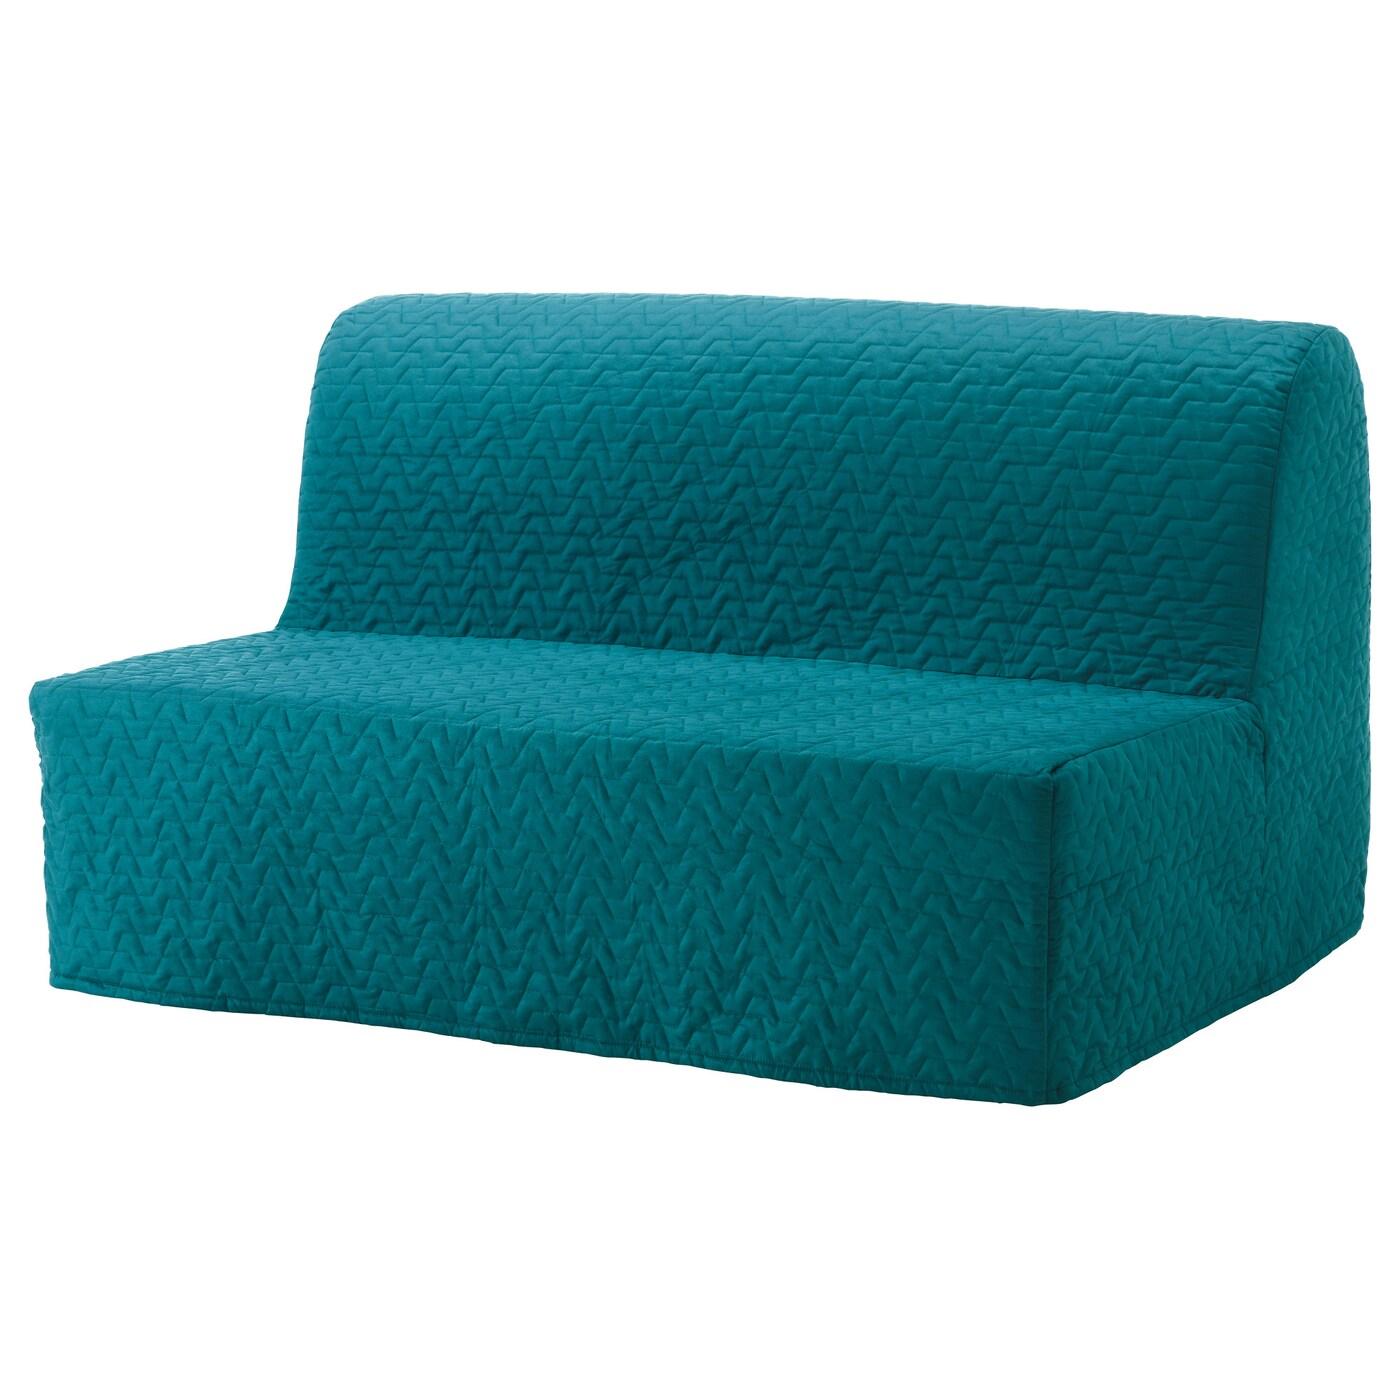 LYCKSELE LÖVÅS - Sleeper sofa, Vallarum turquoise